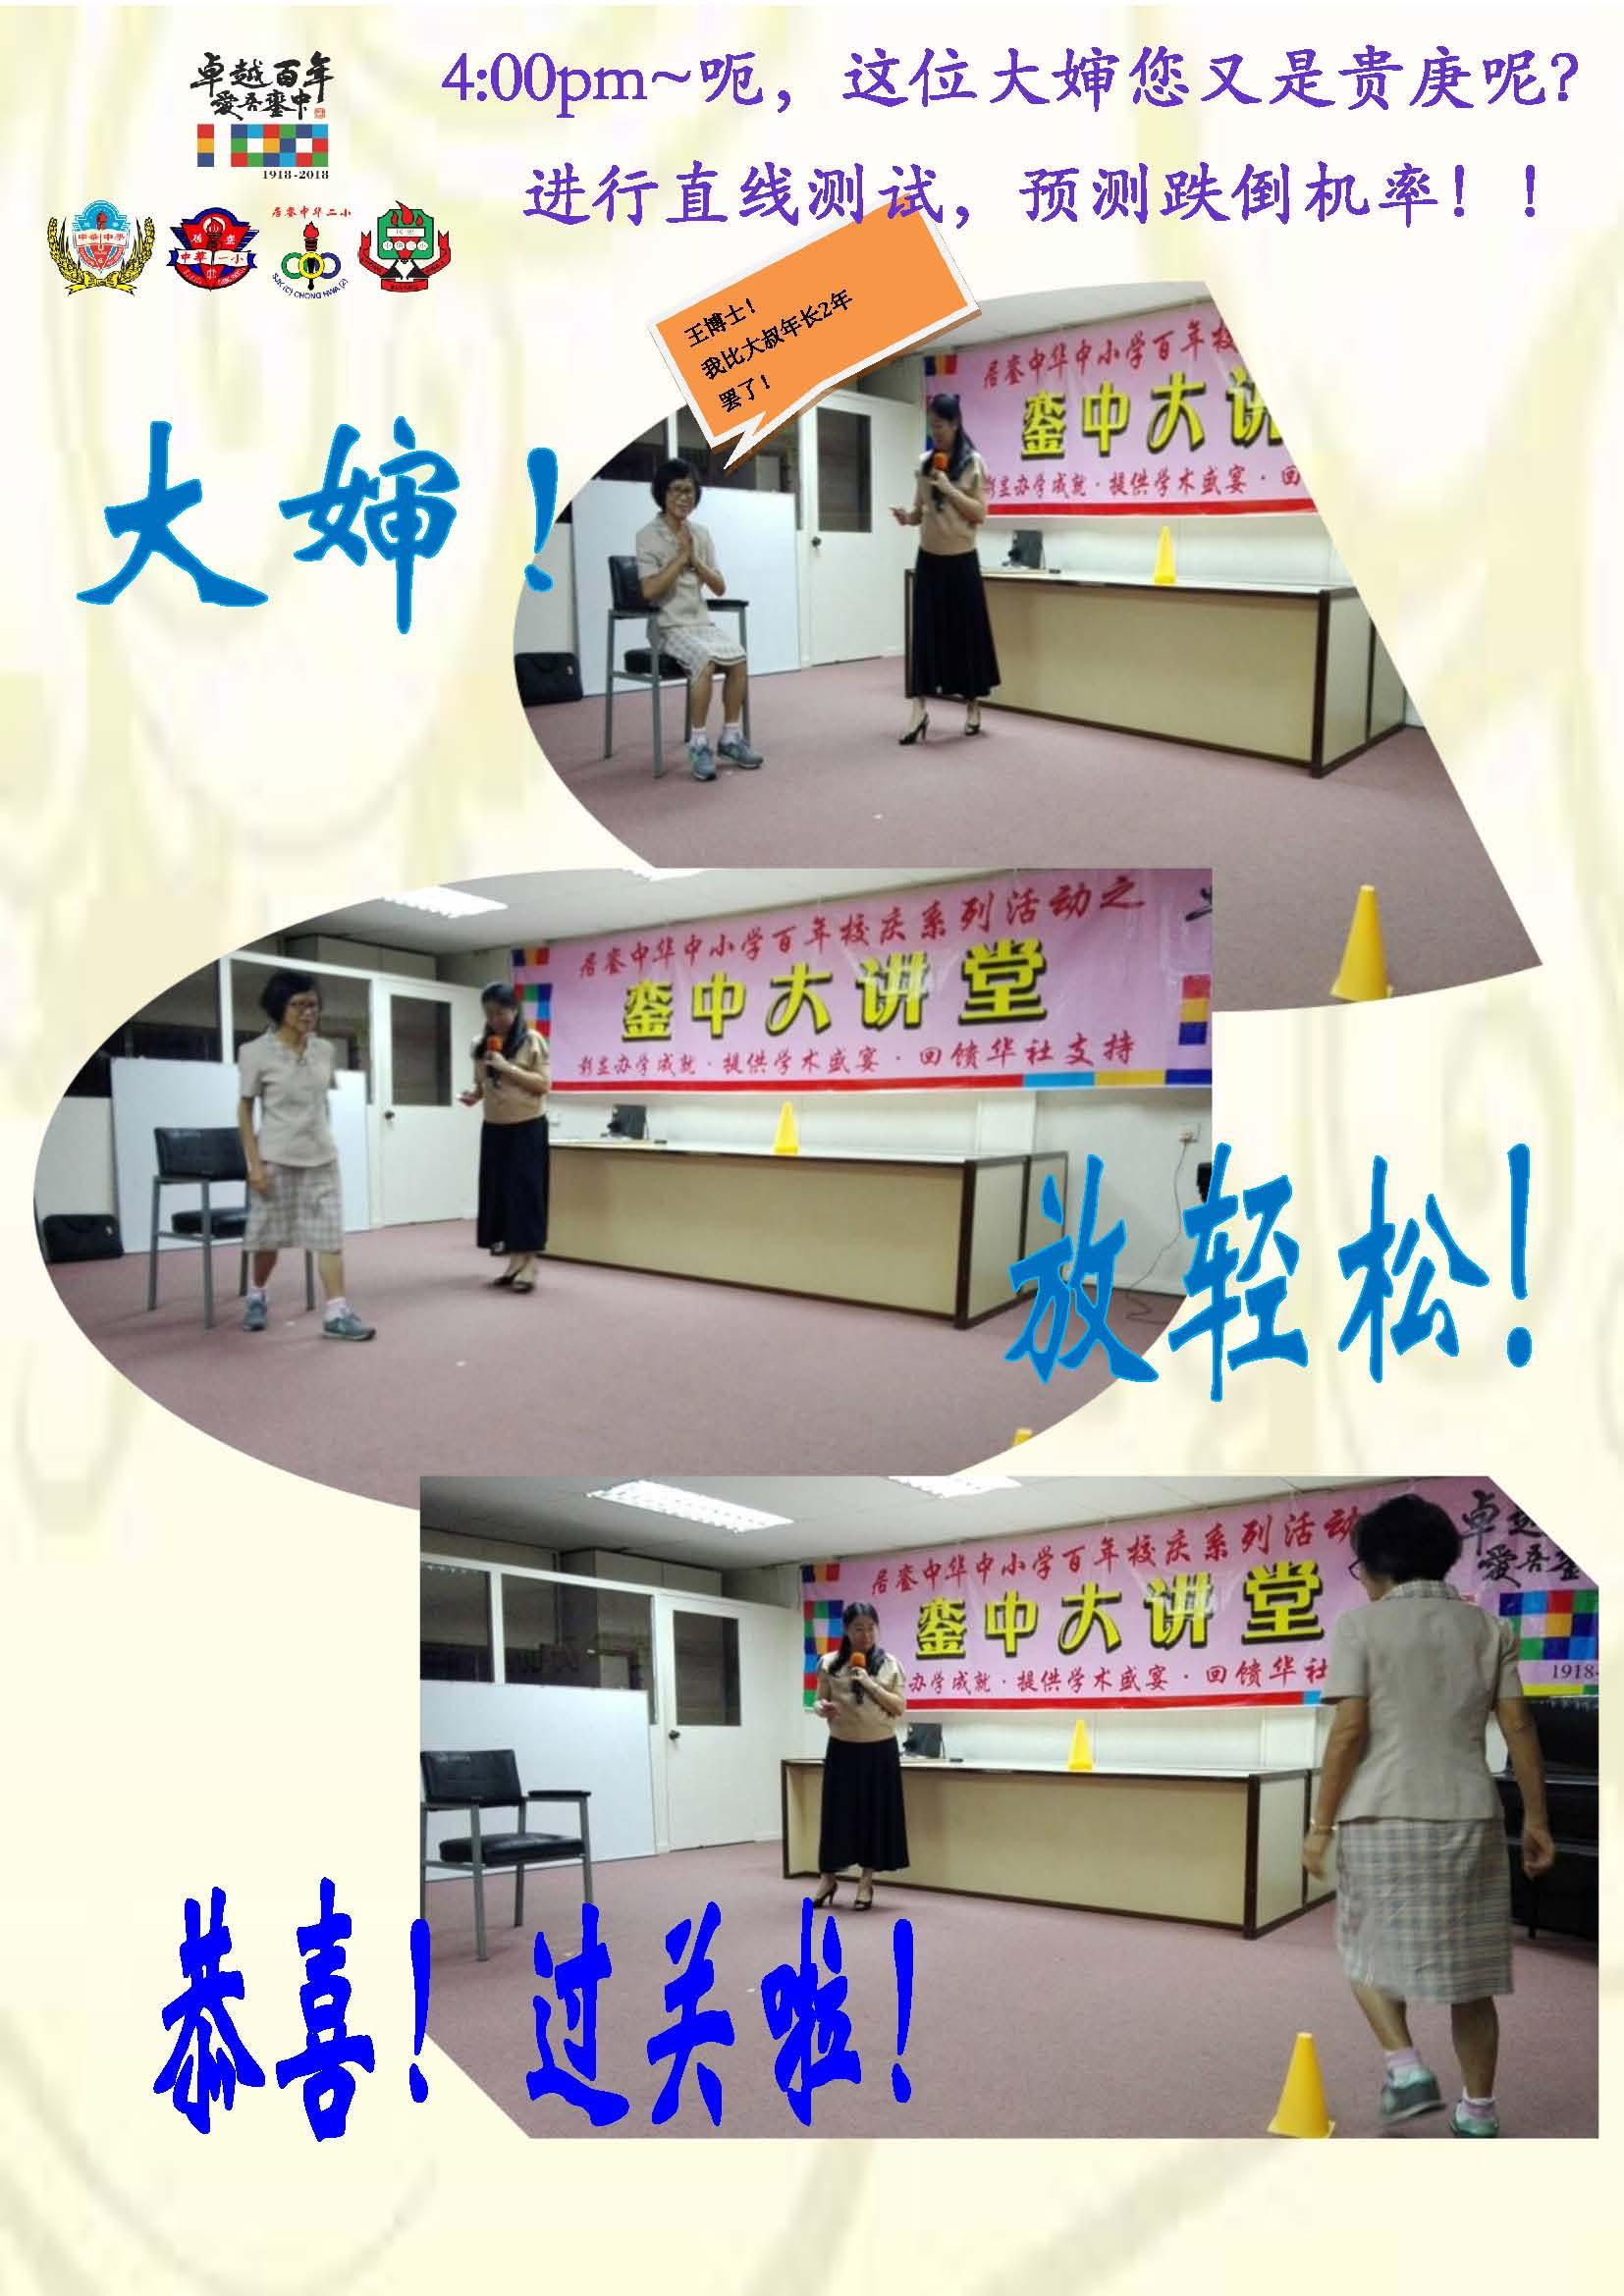 大讲堂-第5讲300717-王惠娟【让年长者更安全~漫谈老人防跌知识】pdf_页面_10